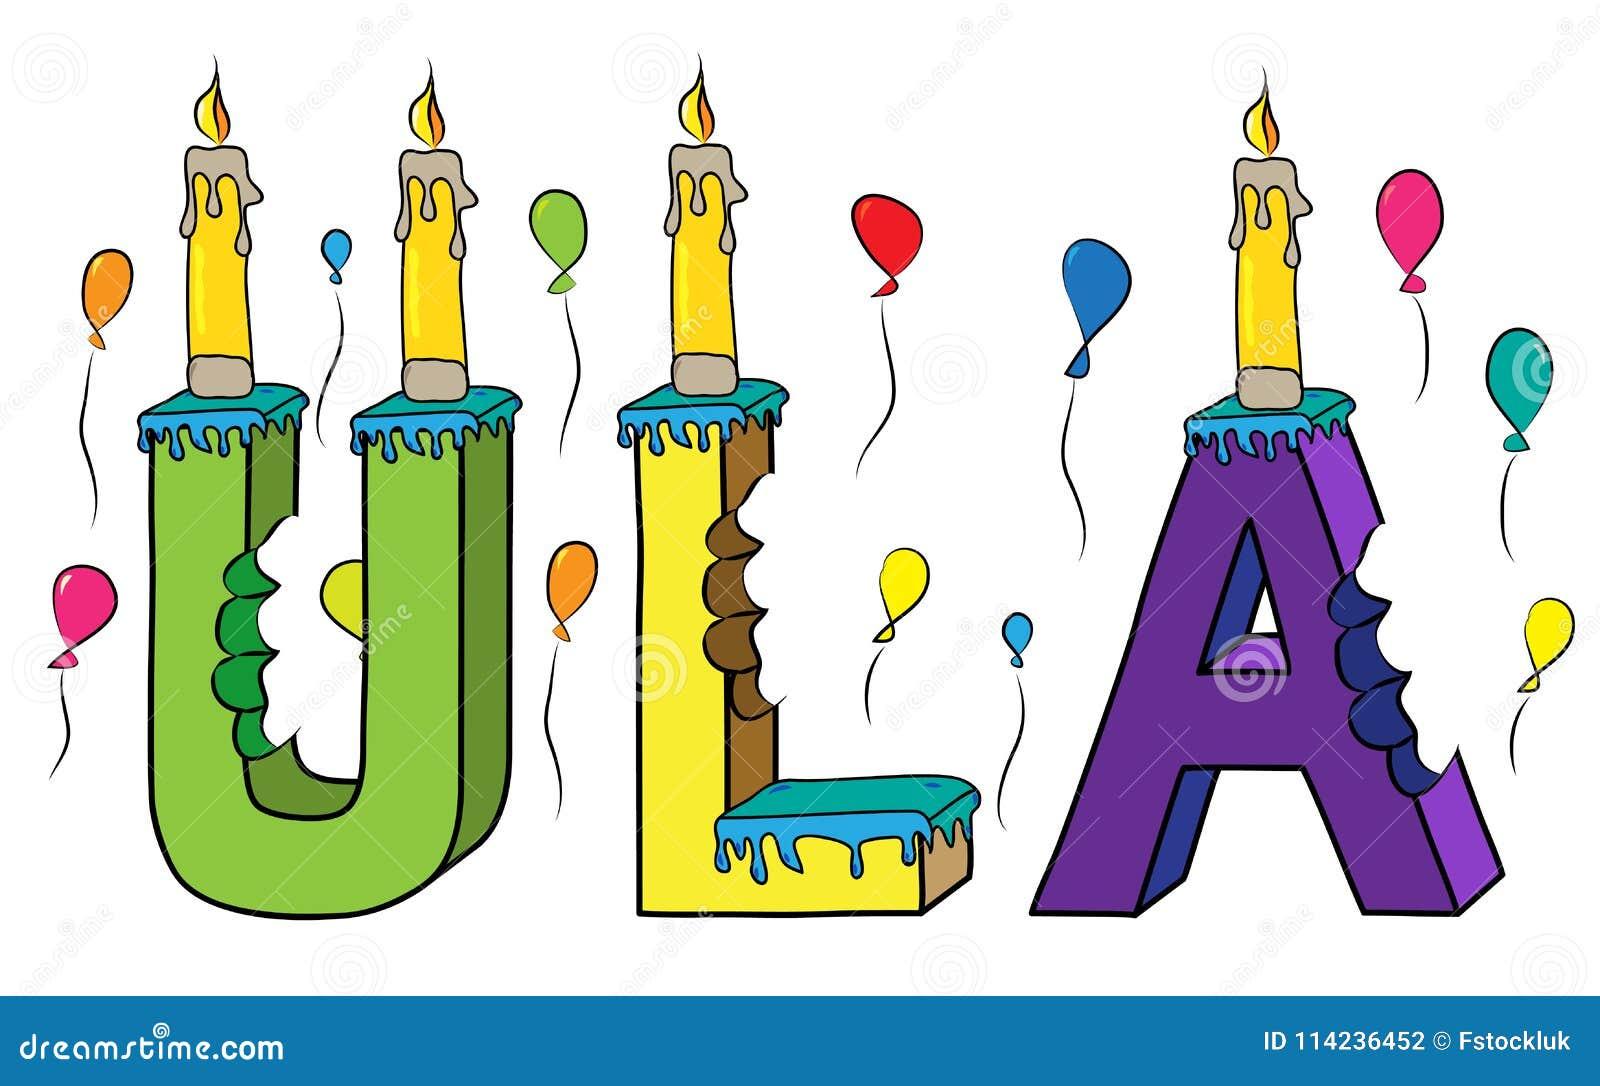 Bolo de aniversário colorido mordido da rotulação 3d de Ula nome fêmea com velas e balões